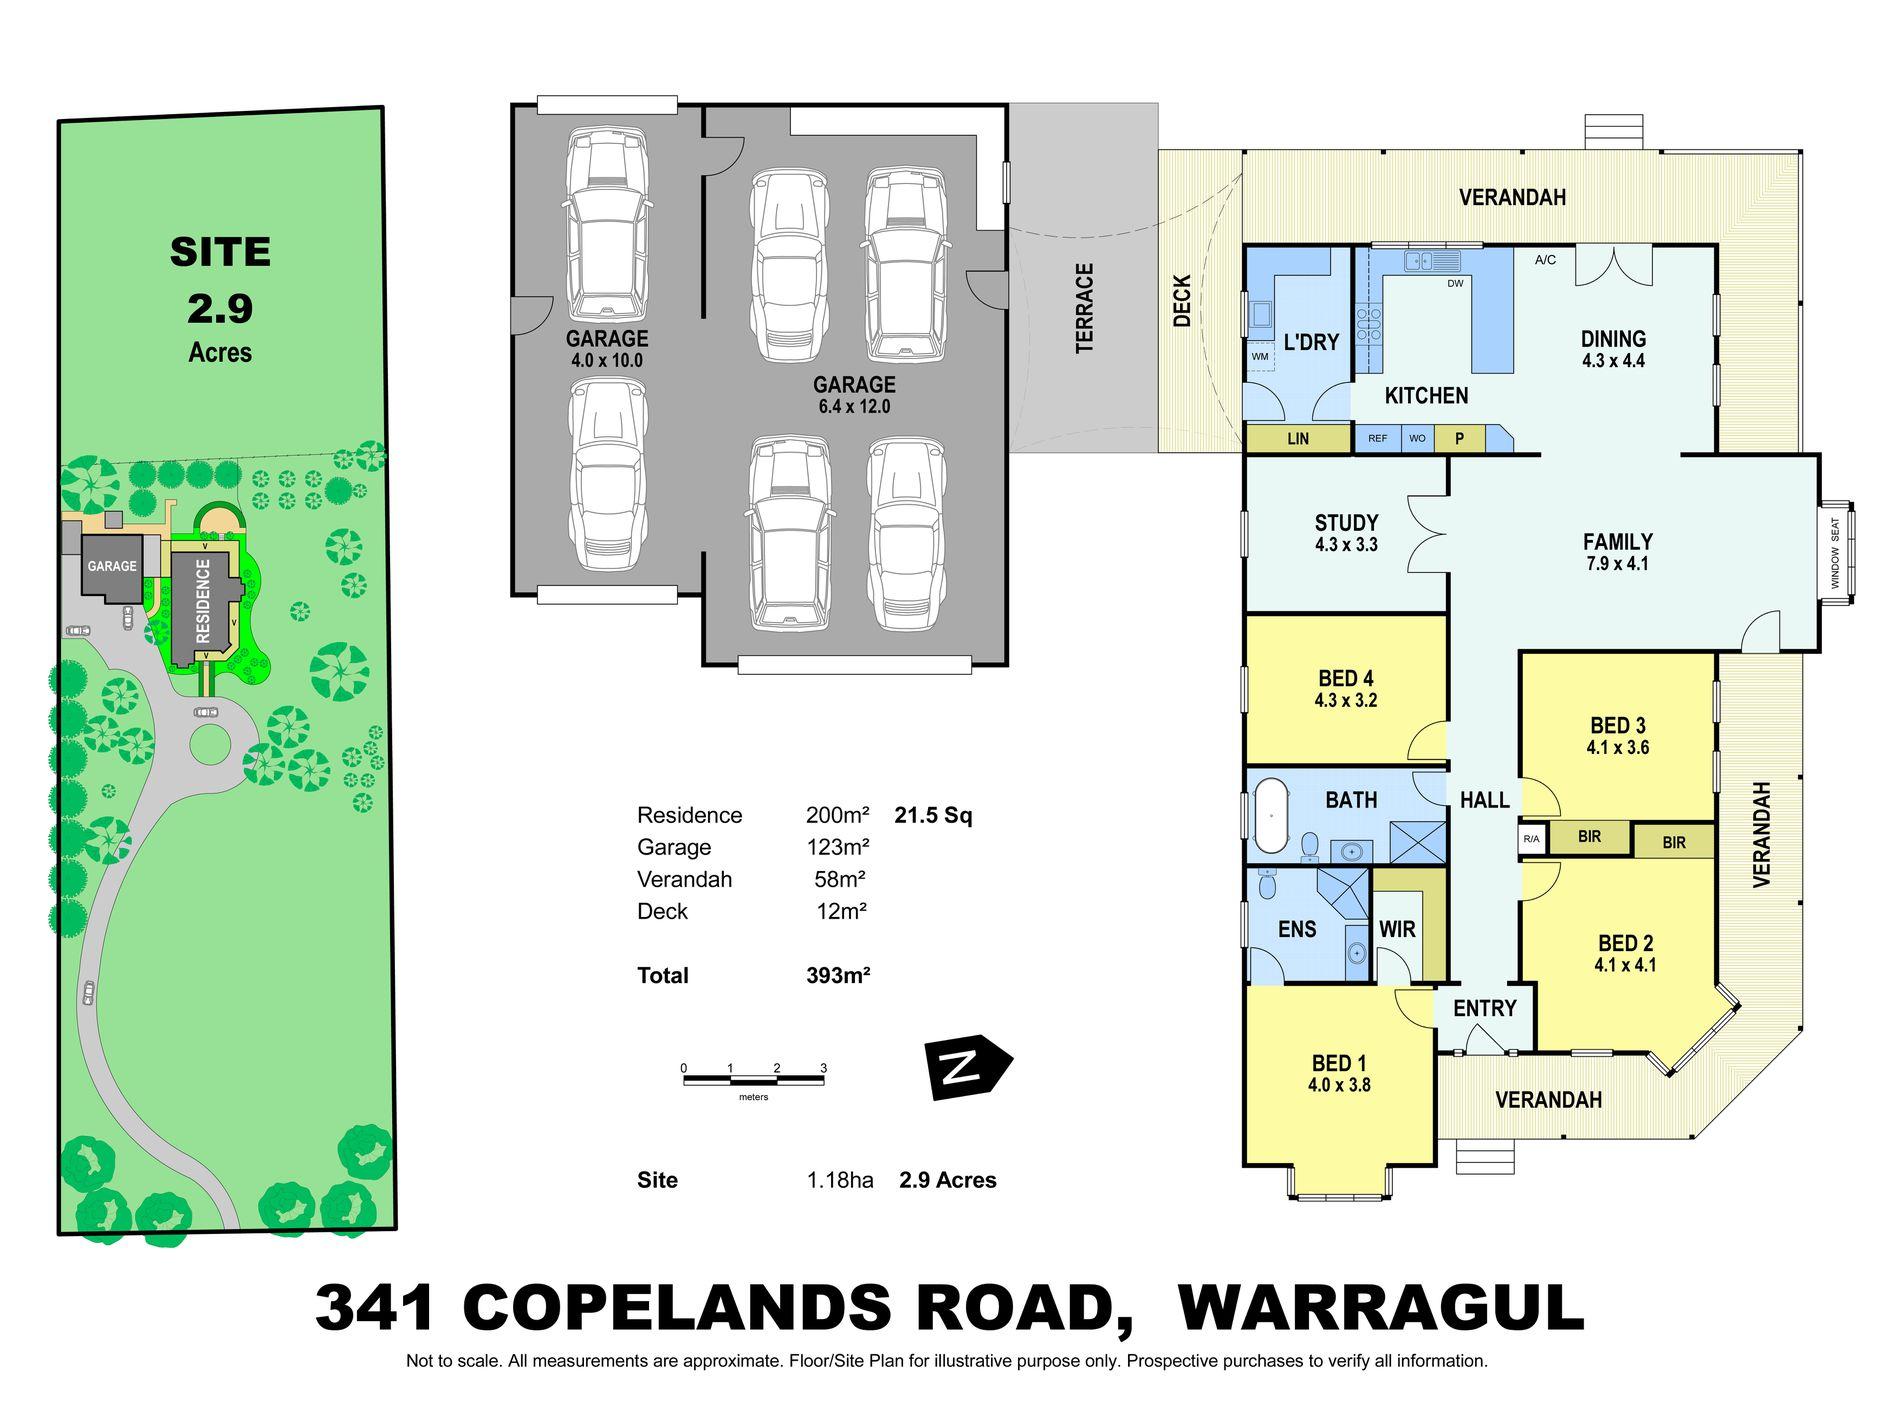 341 Copelands Road, Warragul